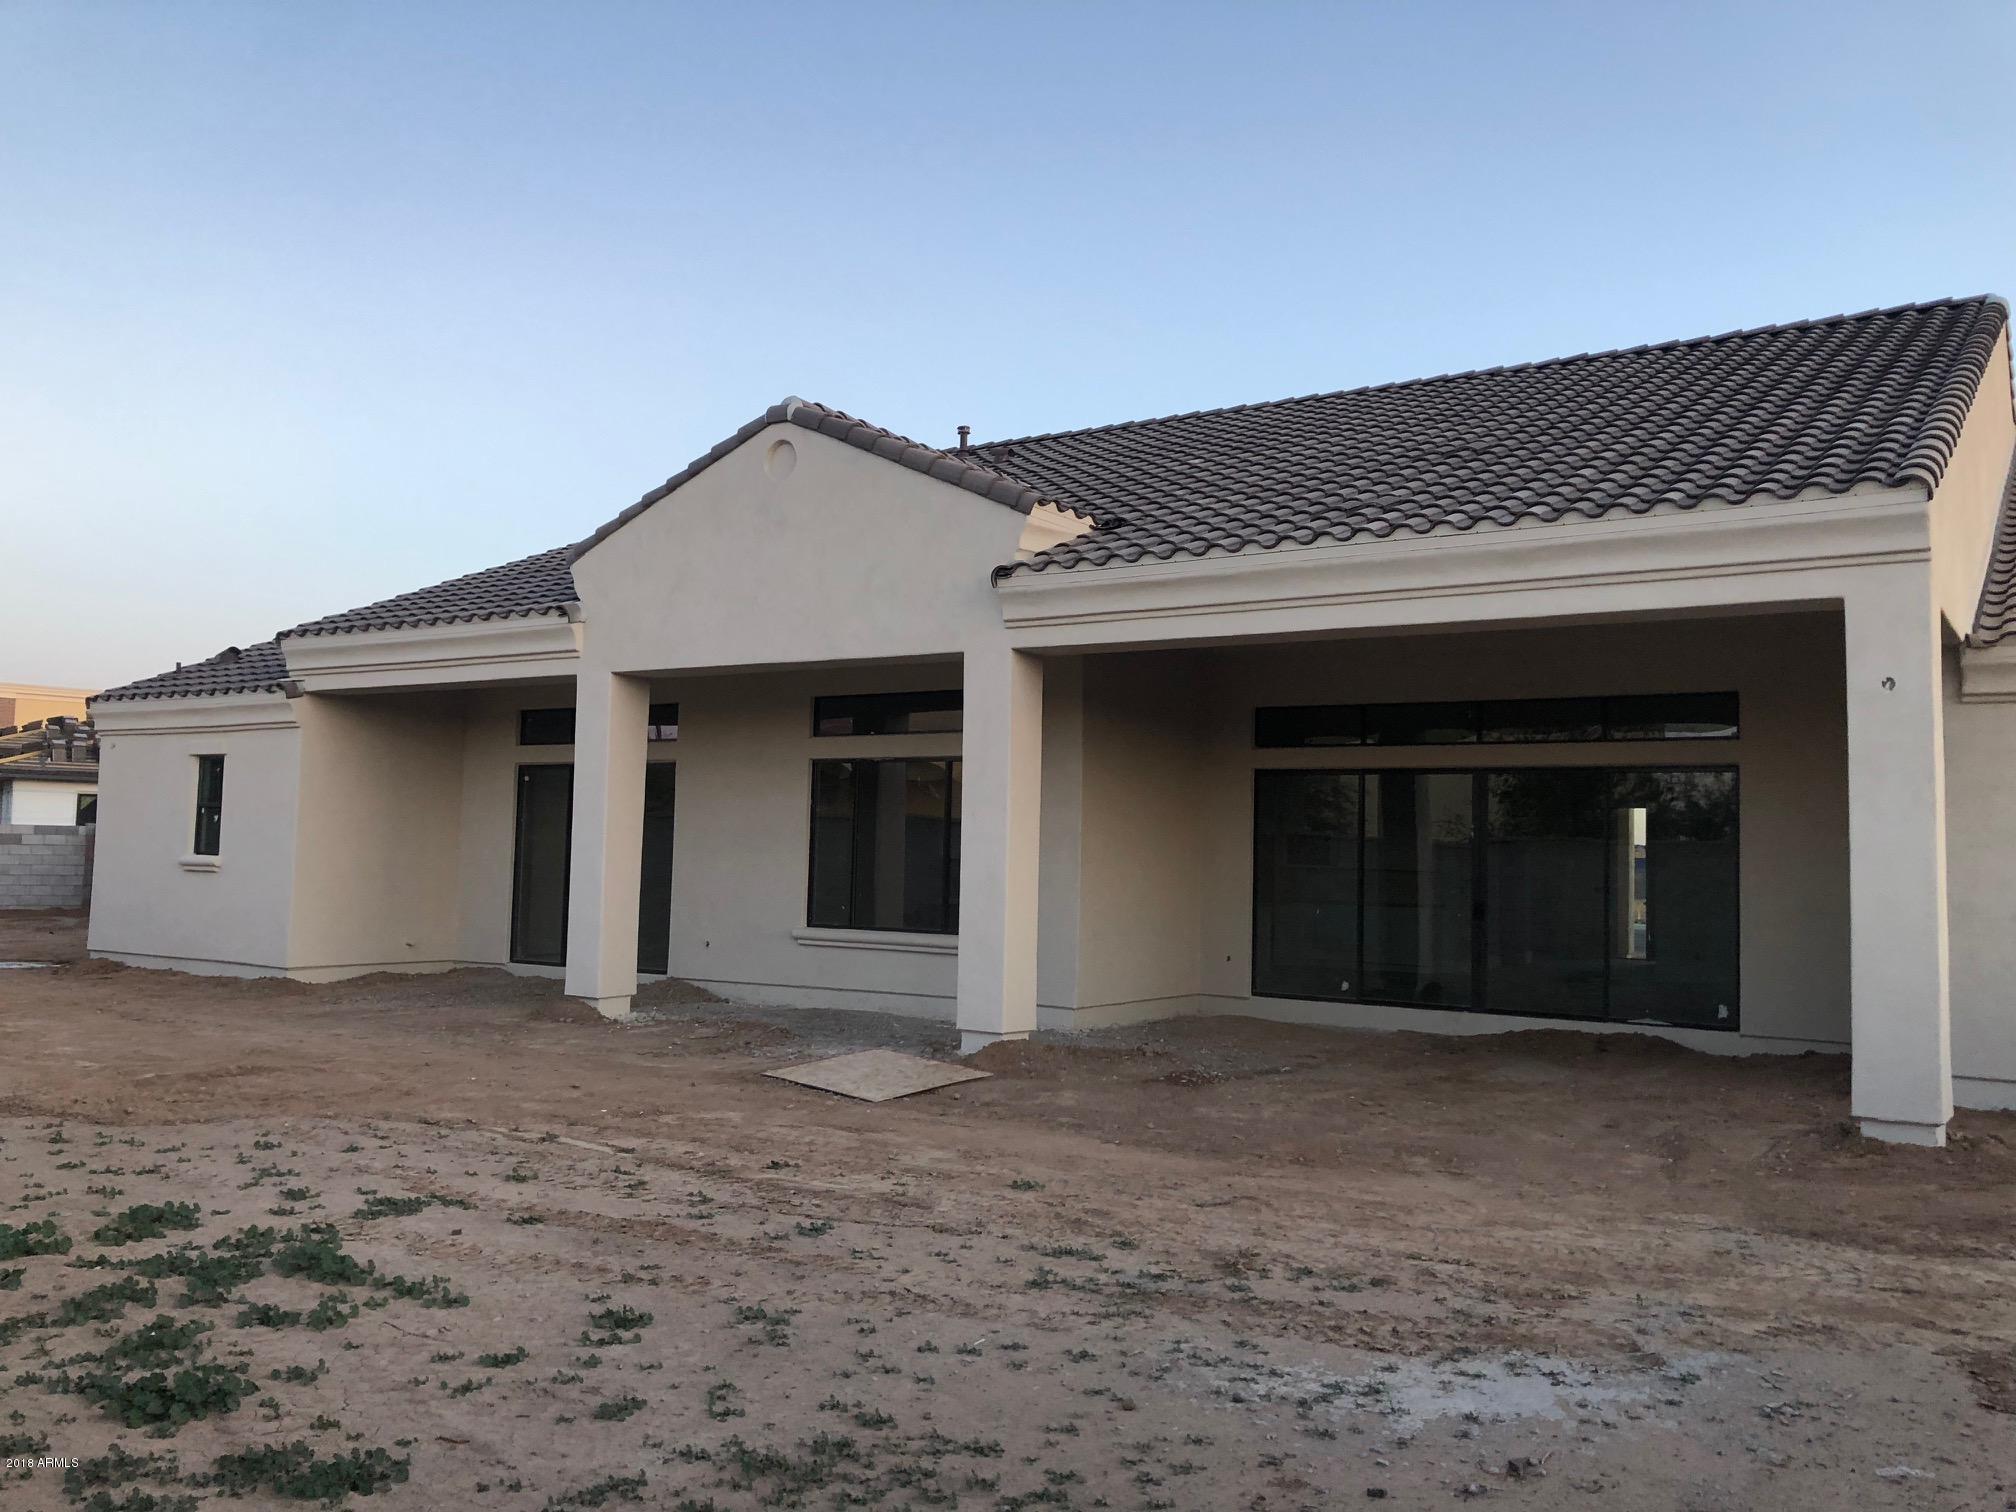 MLS 5831613 2800 E GRAND CANYON Court, Chandler, AZ 85249 Newly Built